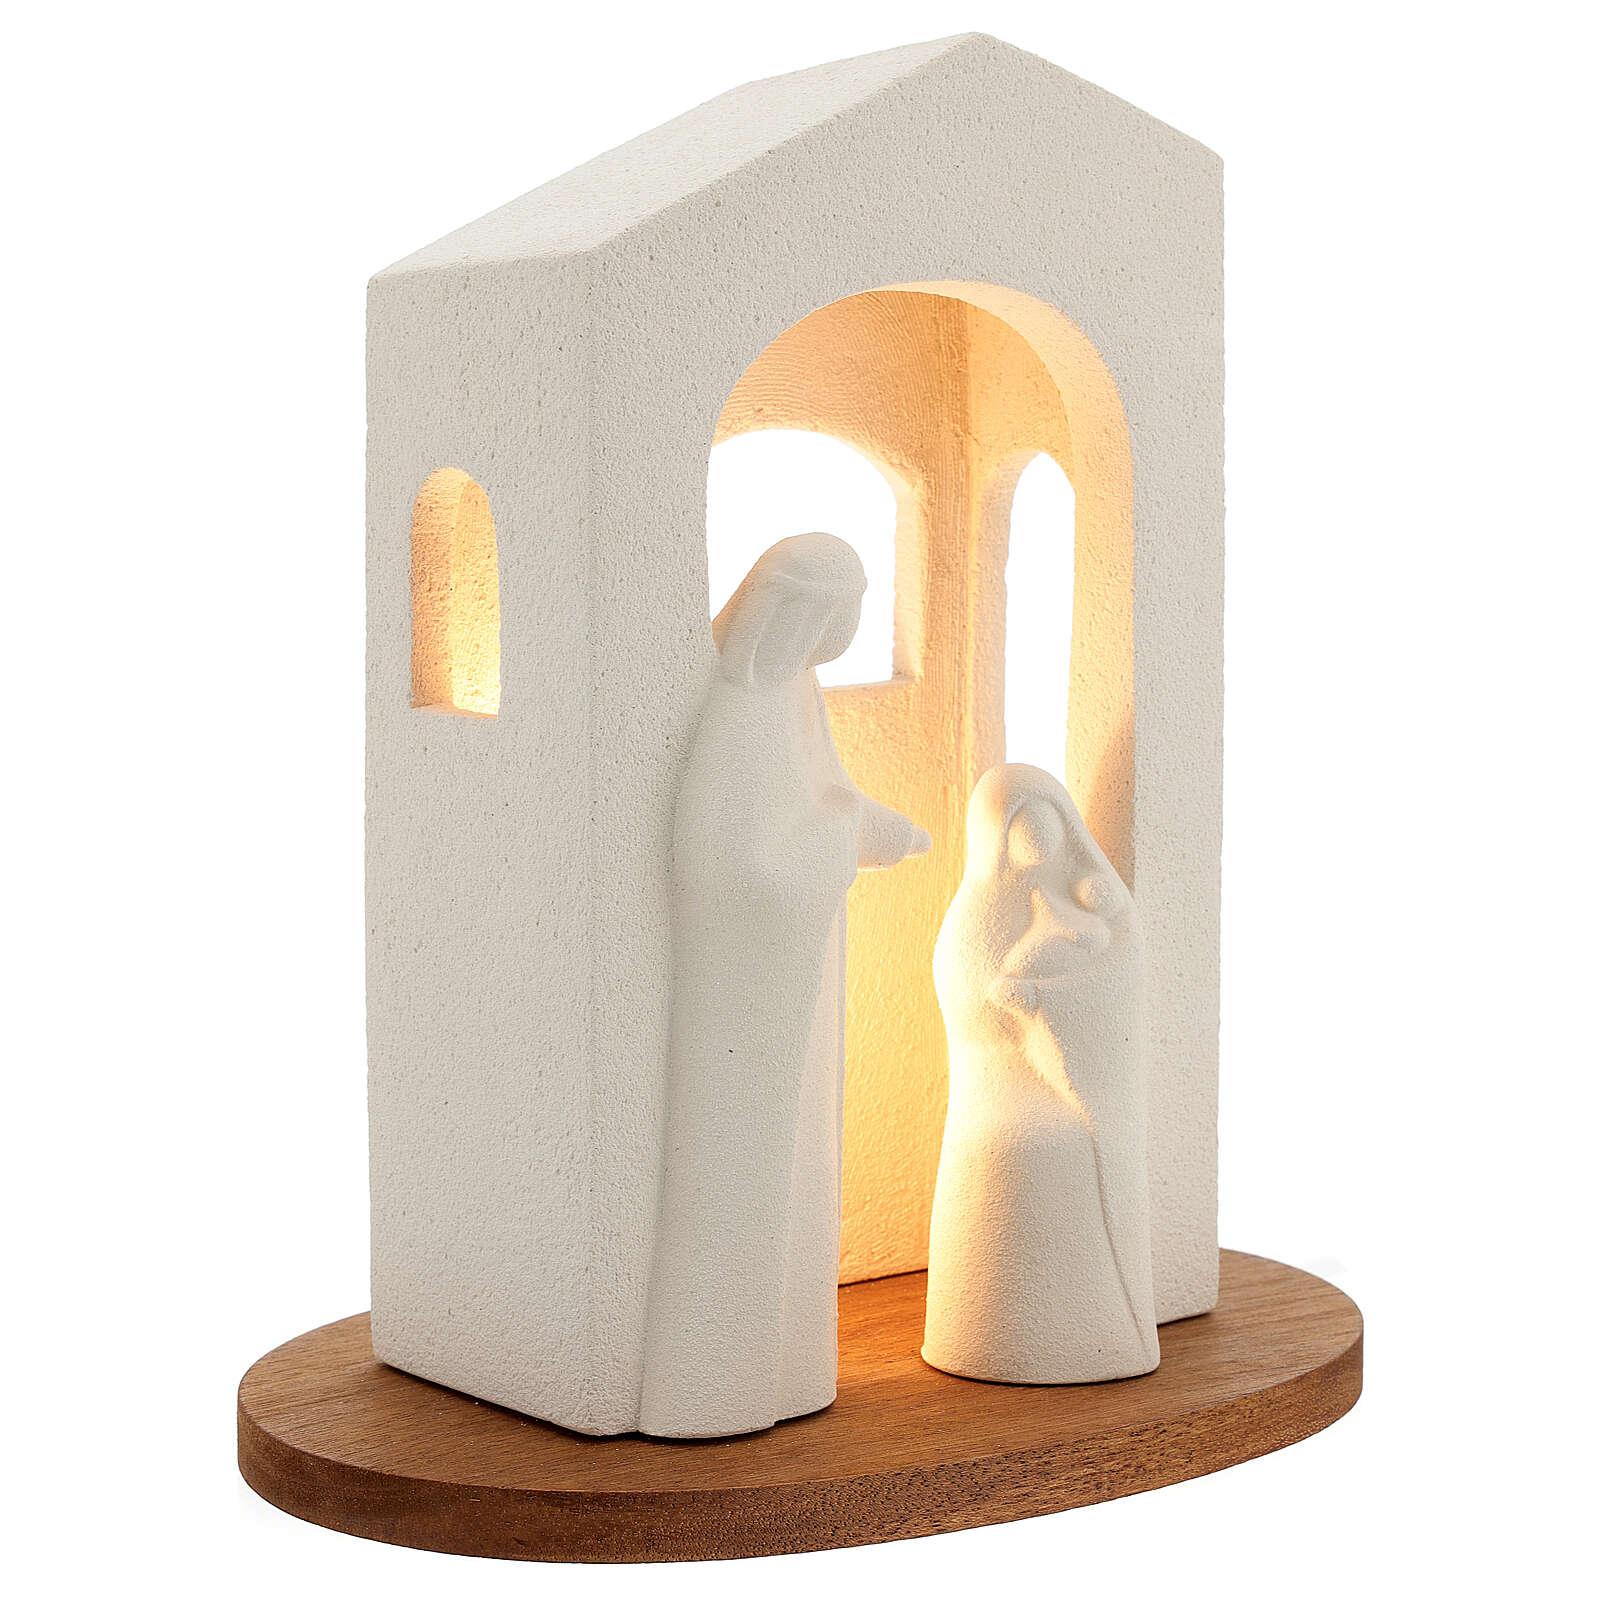 Presépio Natividade Luz argila branca h 25,5 cm 4